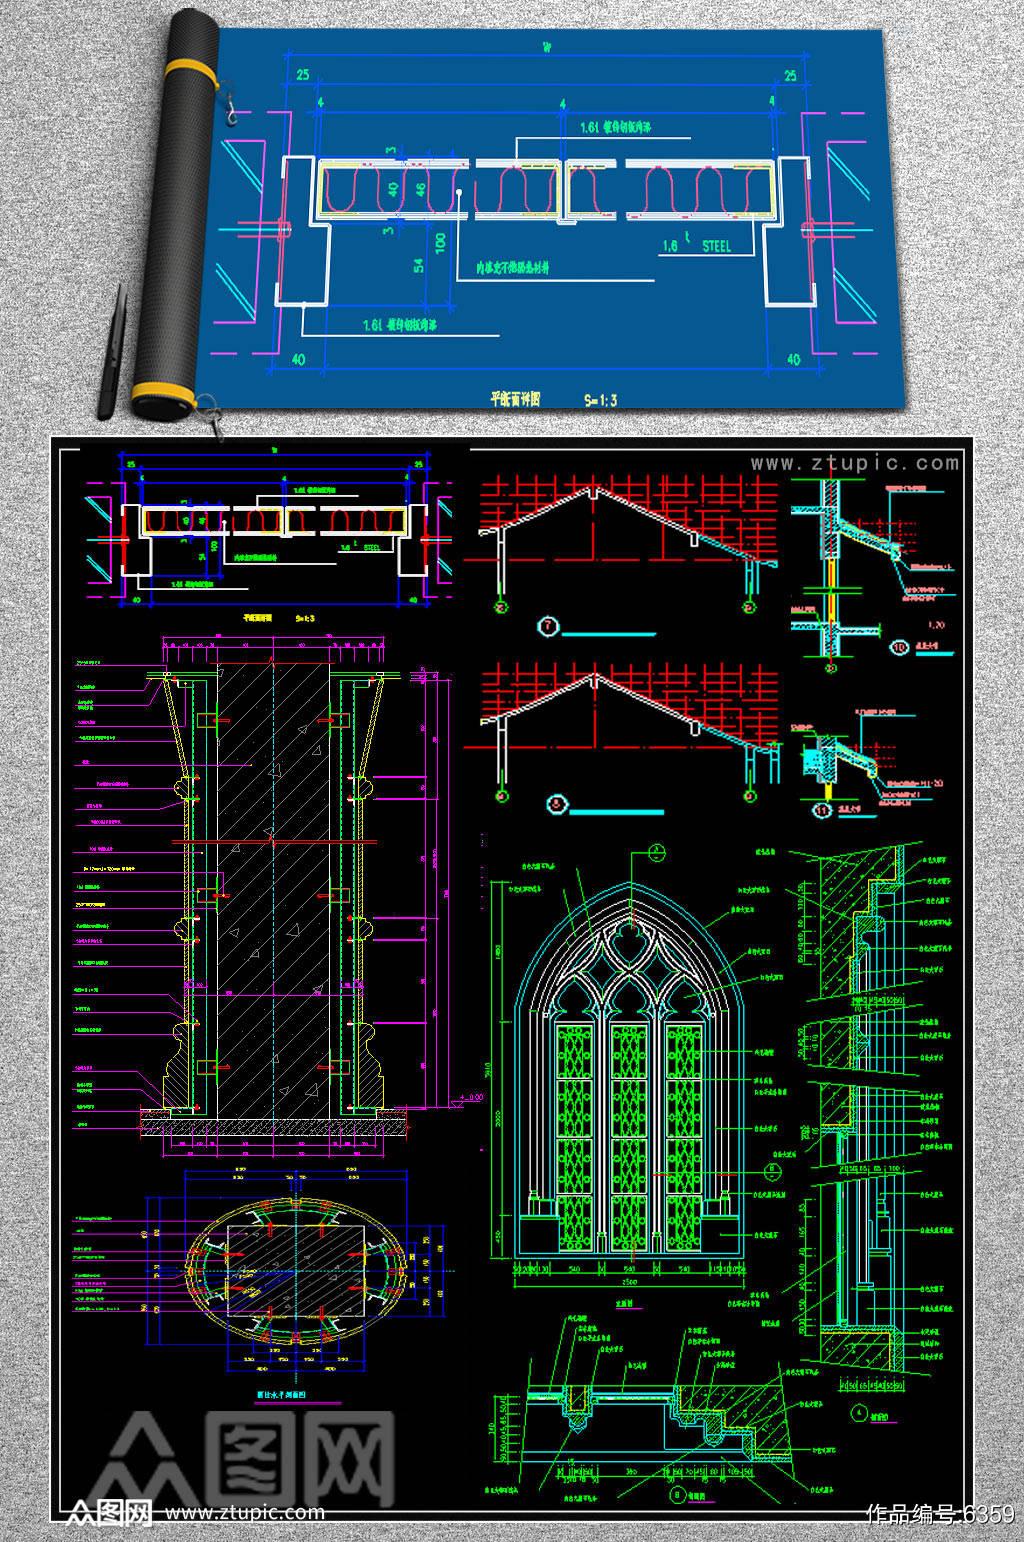 最新家装时尚现代整套家装CAD施工图图片下载CAD现代简约风格施工图图片下载CAD 现代简约风格施工素材